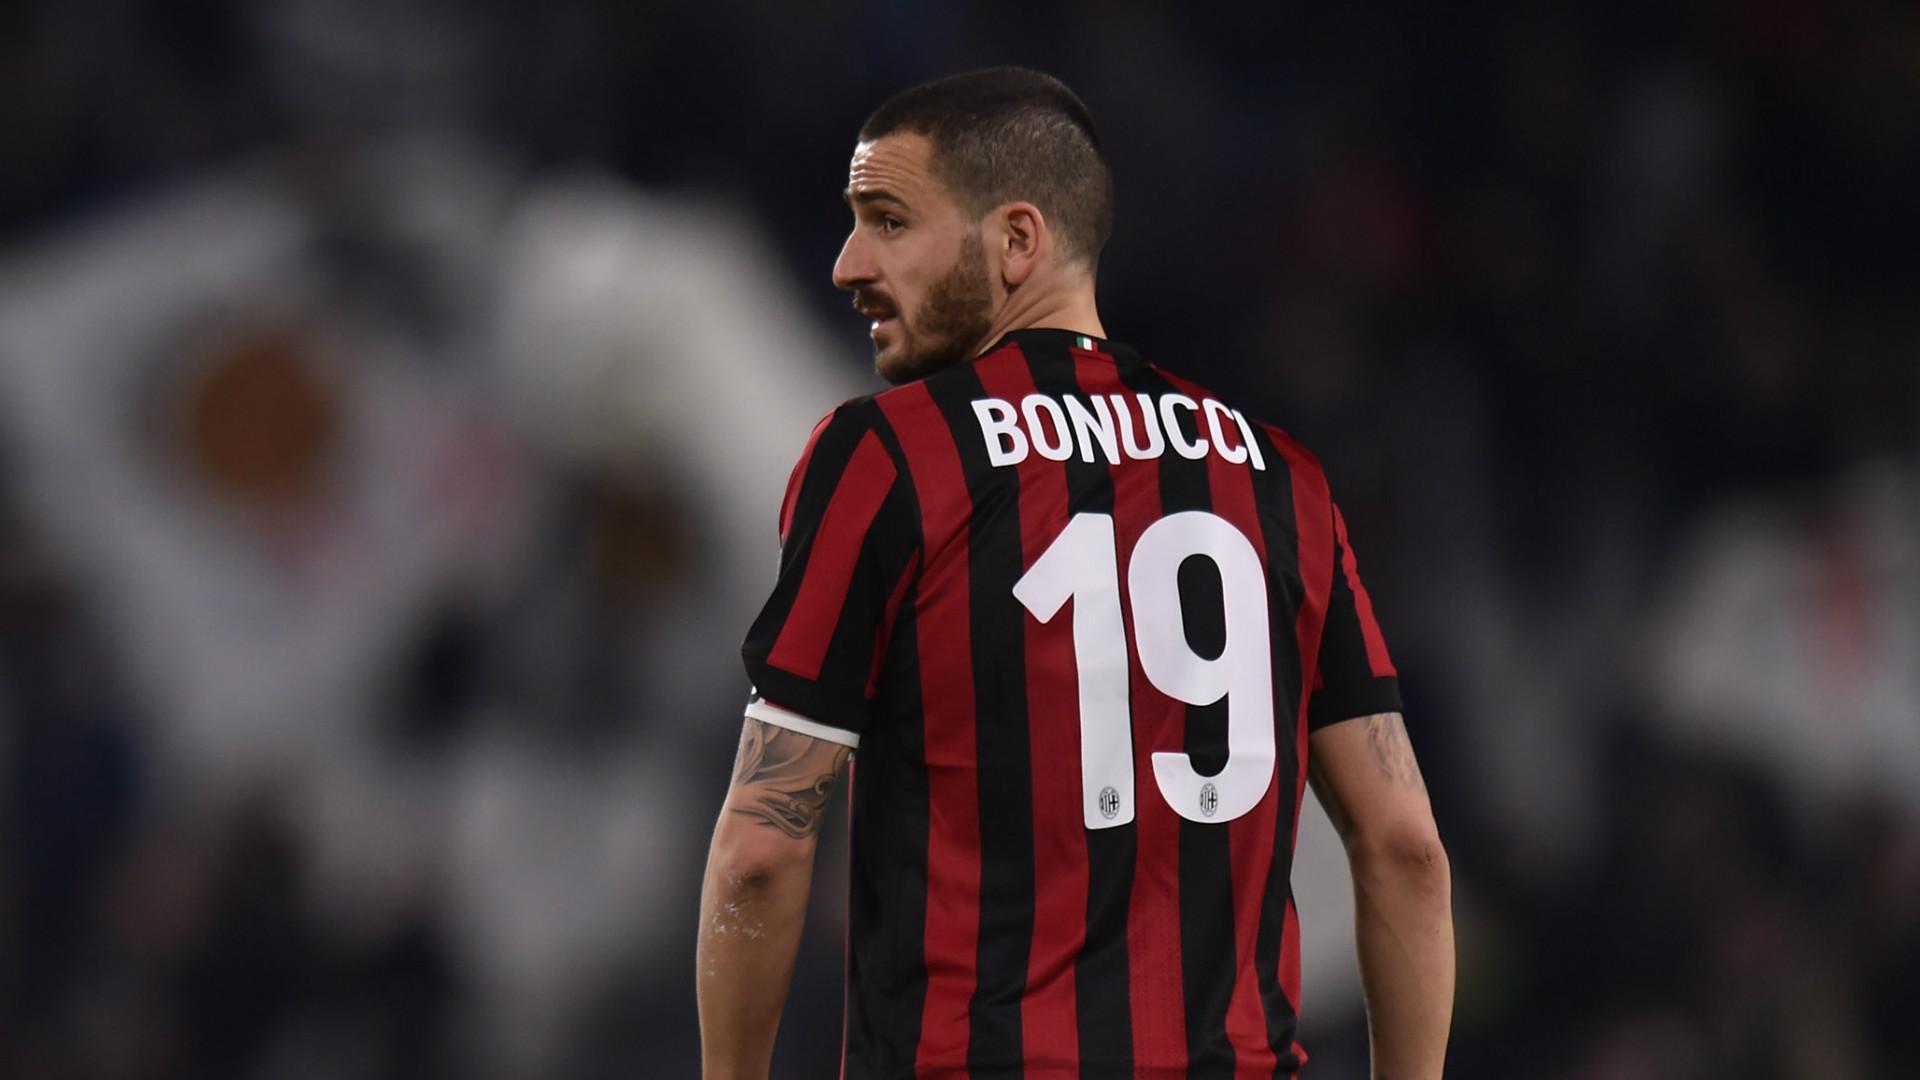 Bonucci Juventus Milan